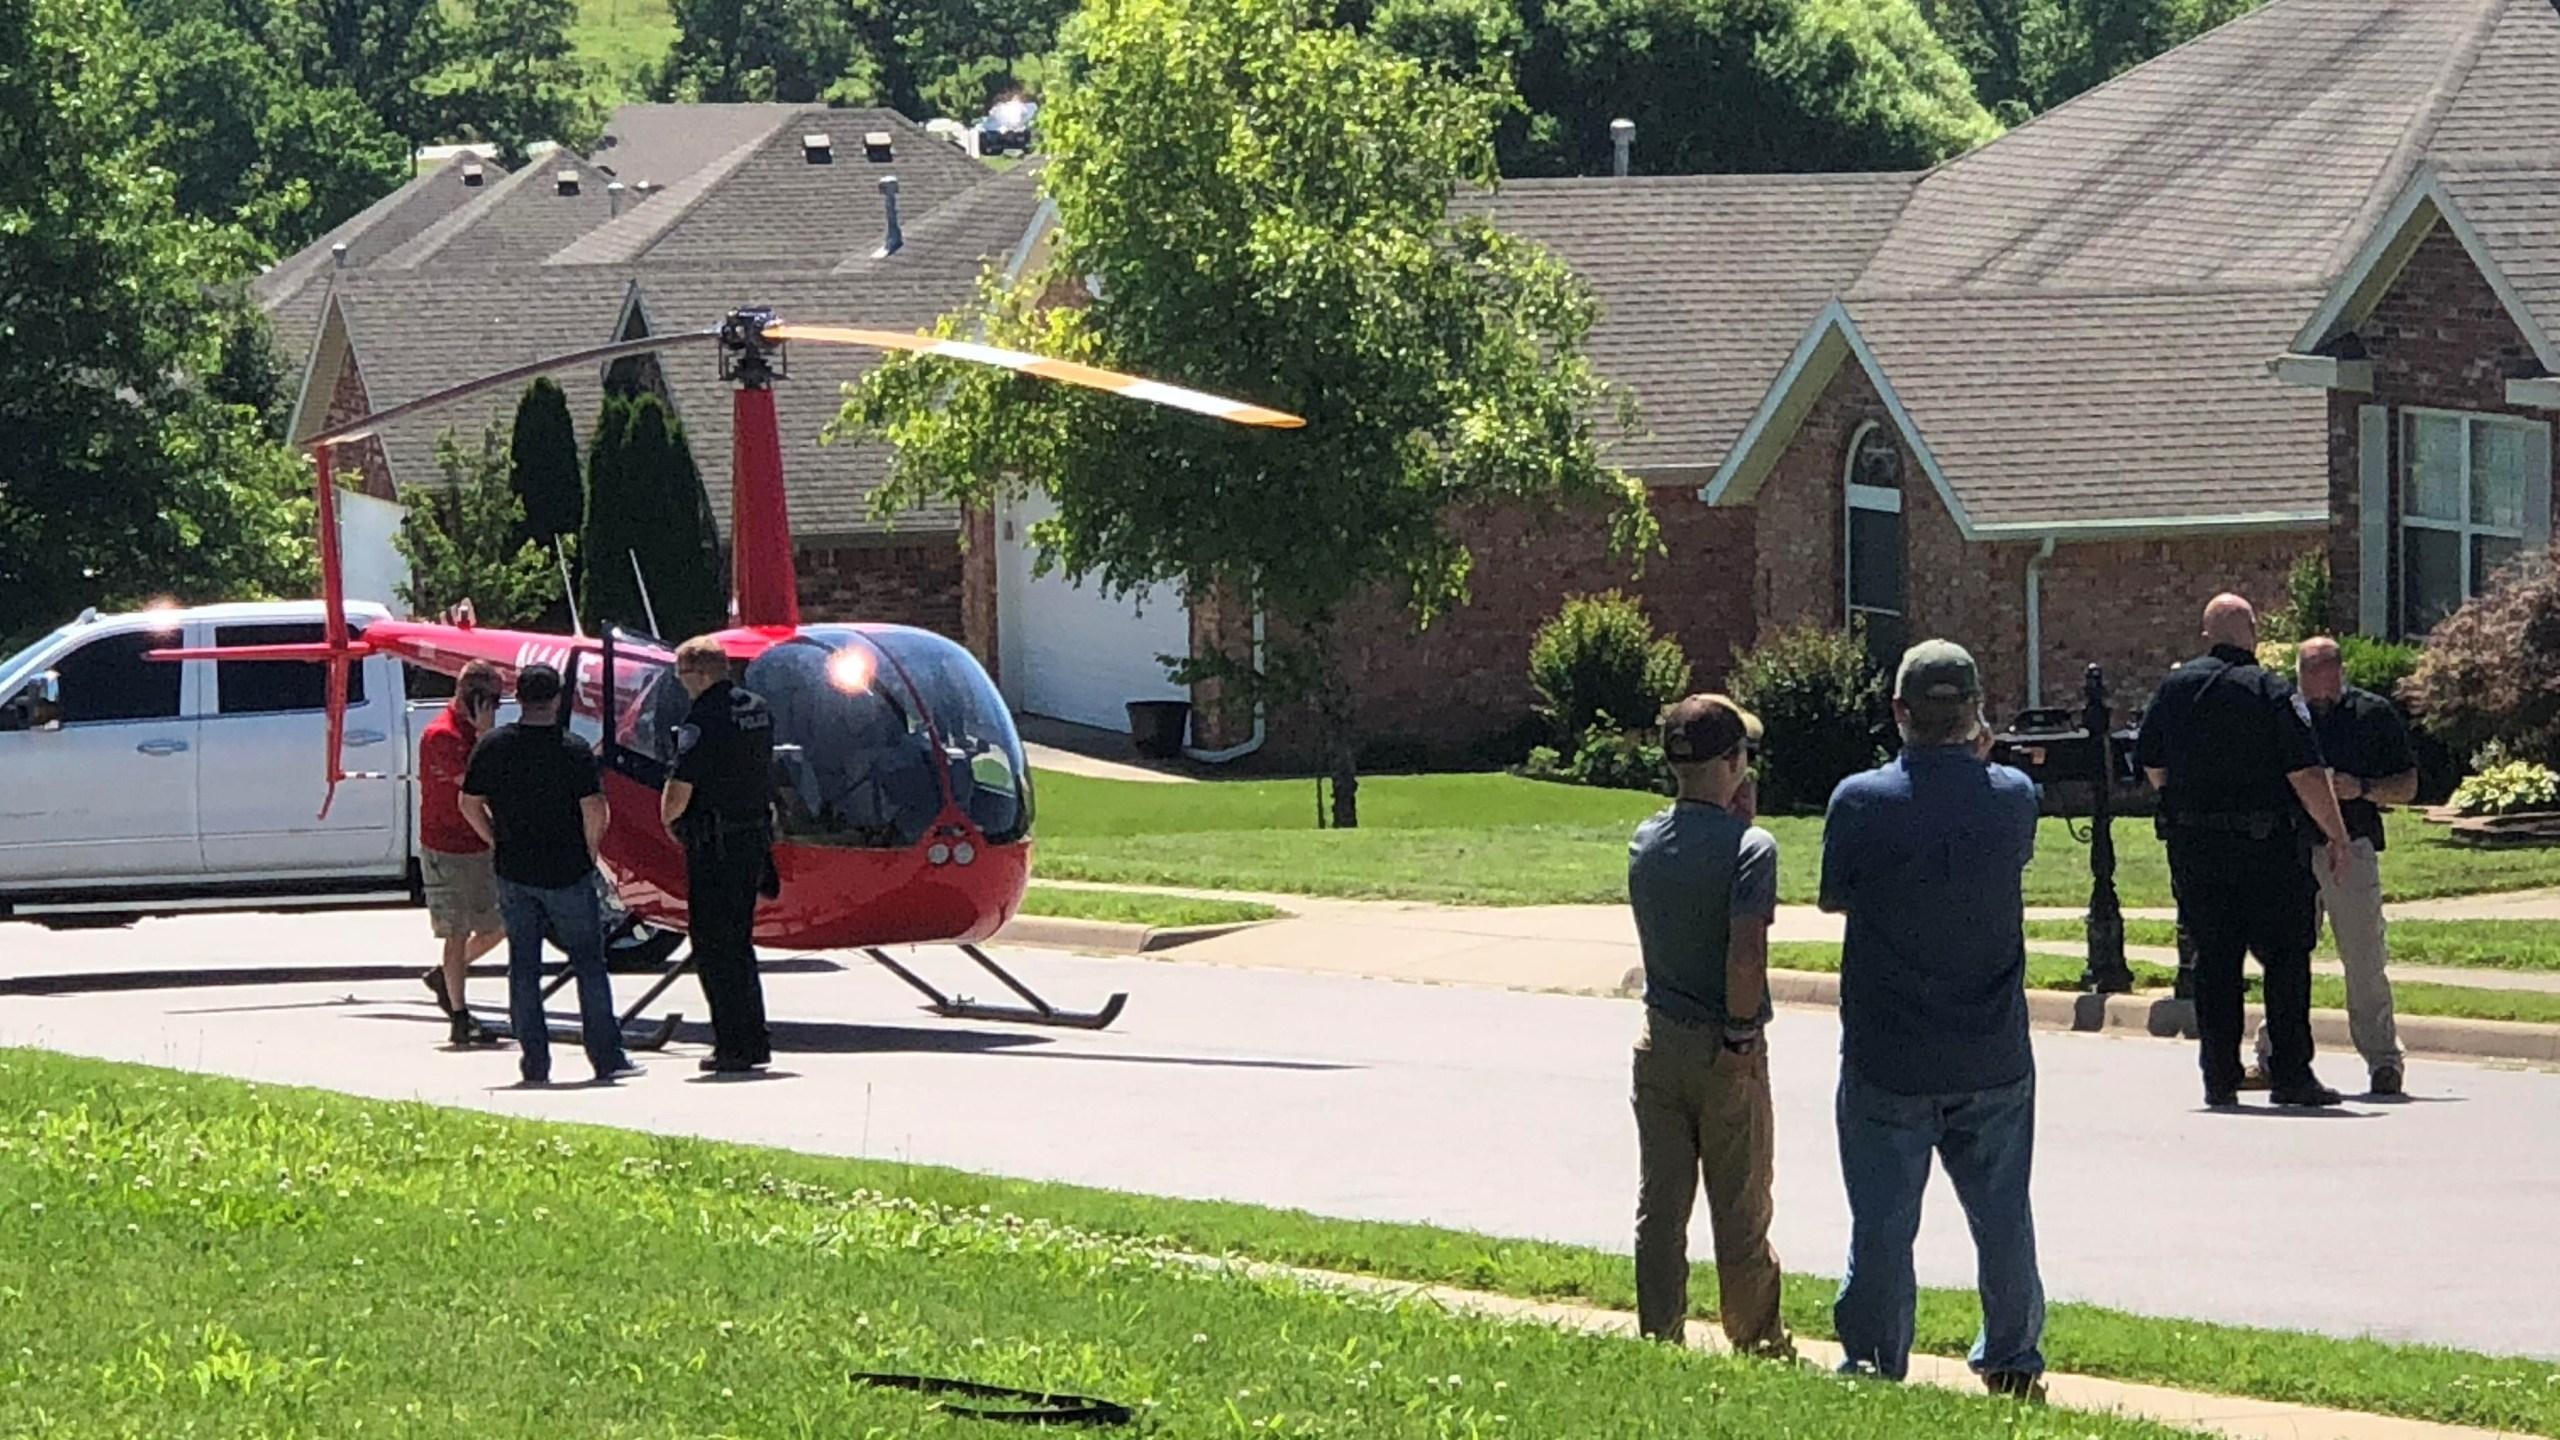 Helicopter - 4_1561480665517.jpg-60106293.jpg